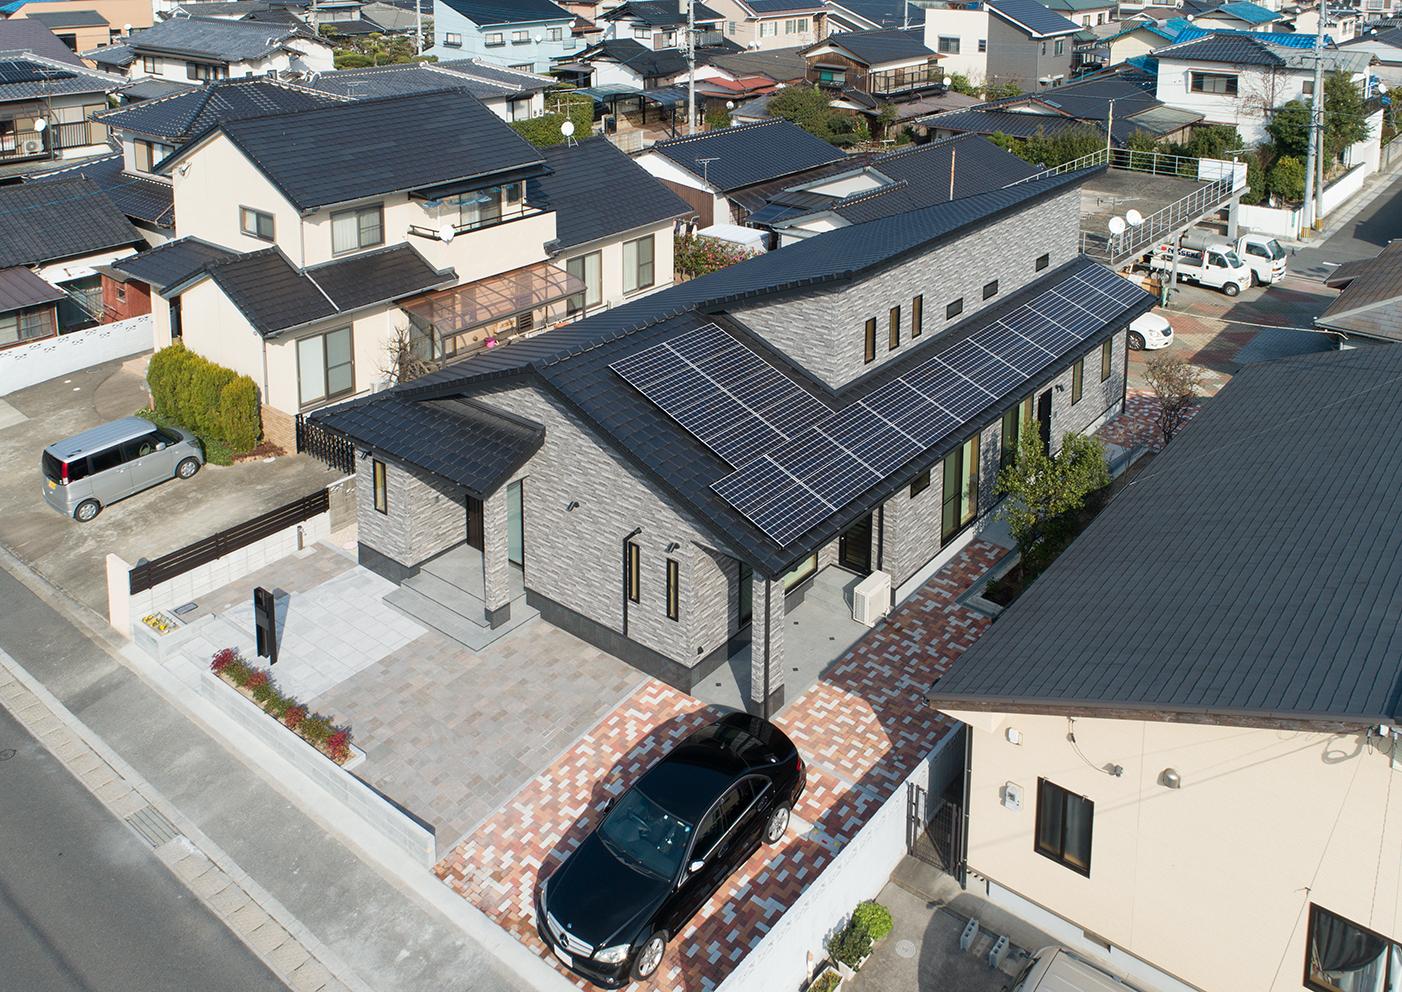 太陽光発電 パナソニックの7.3KWの太陽光発電を載せてランニングコストのかからない住宅にしました。 ZEH基準適合 UH0.46のゼロエネルギーハウス もちろん光熱費ゼロの家です。